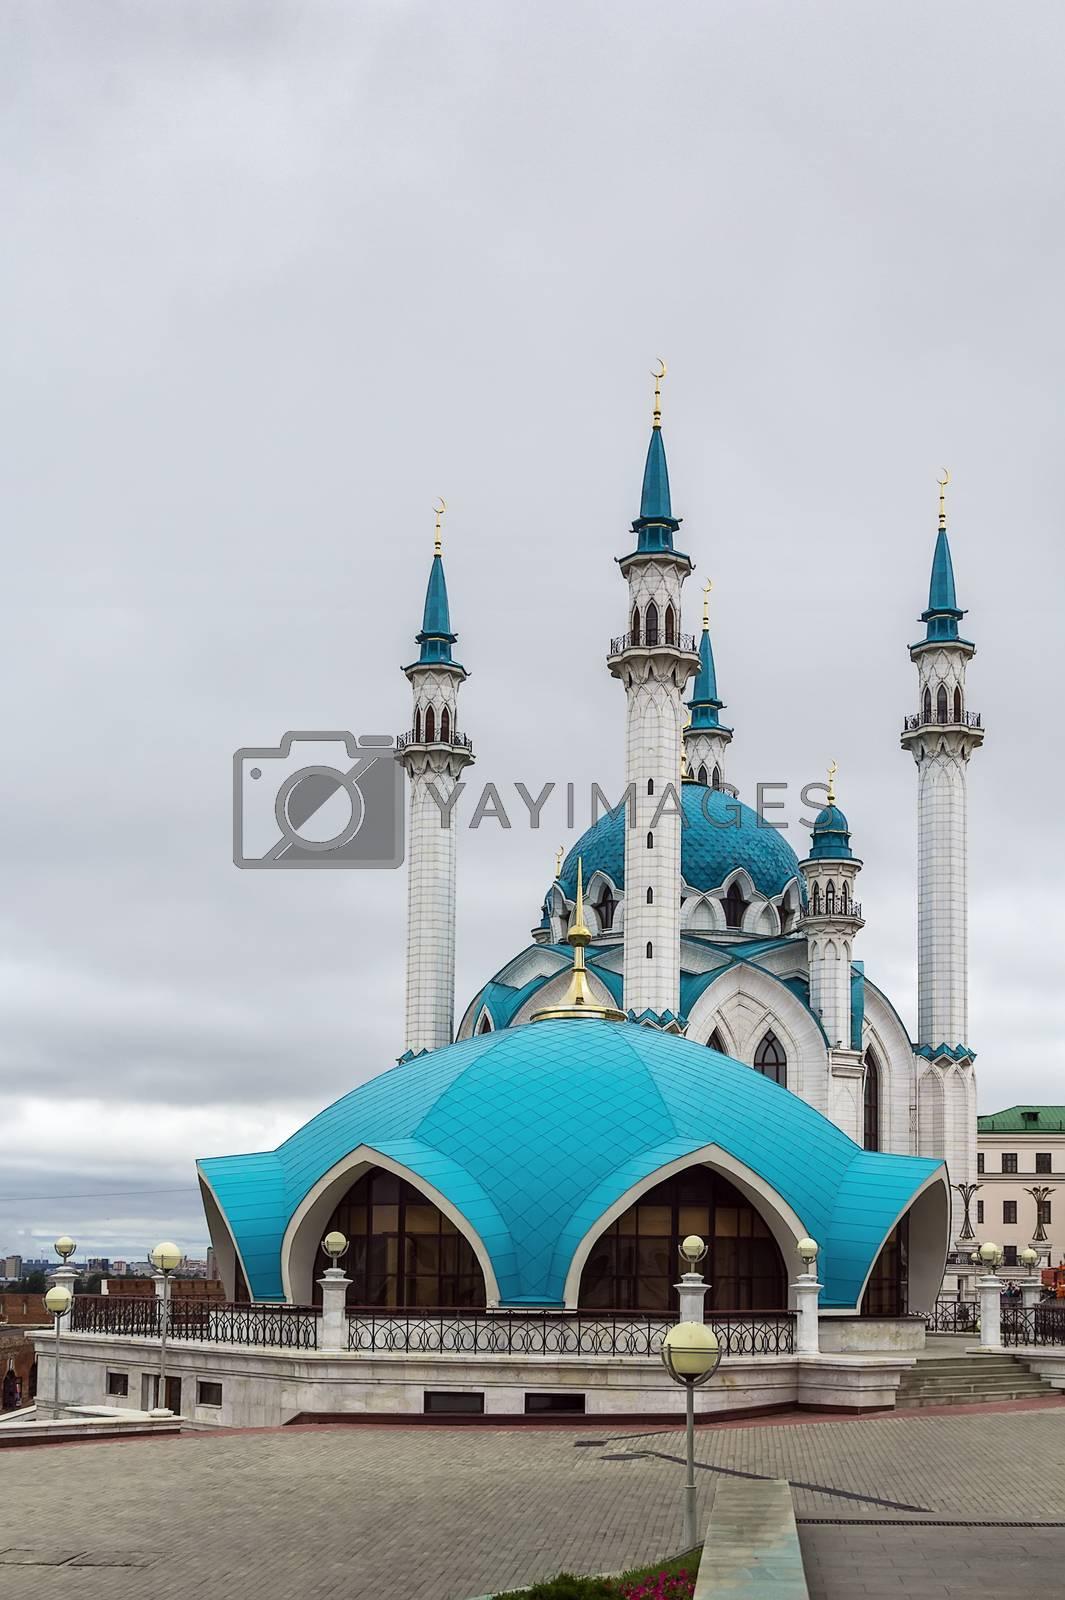 Qolsarif Mosque, Kazan by borisb17